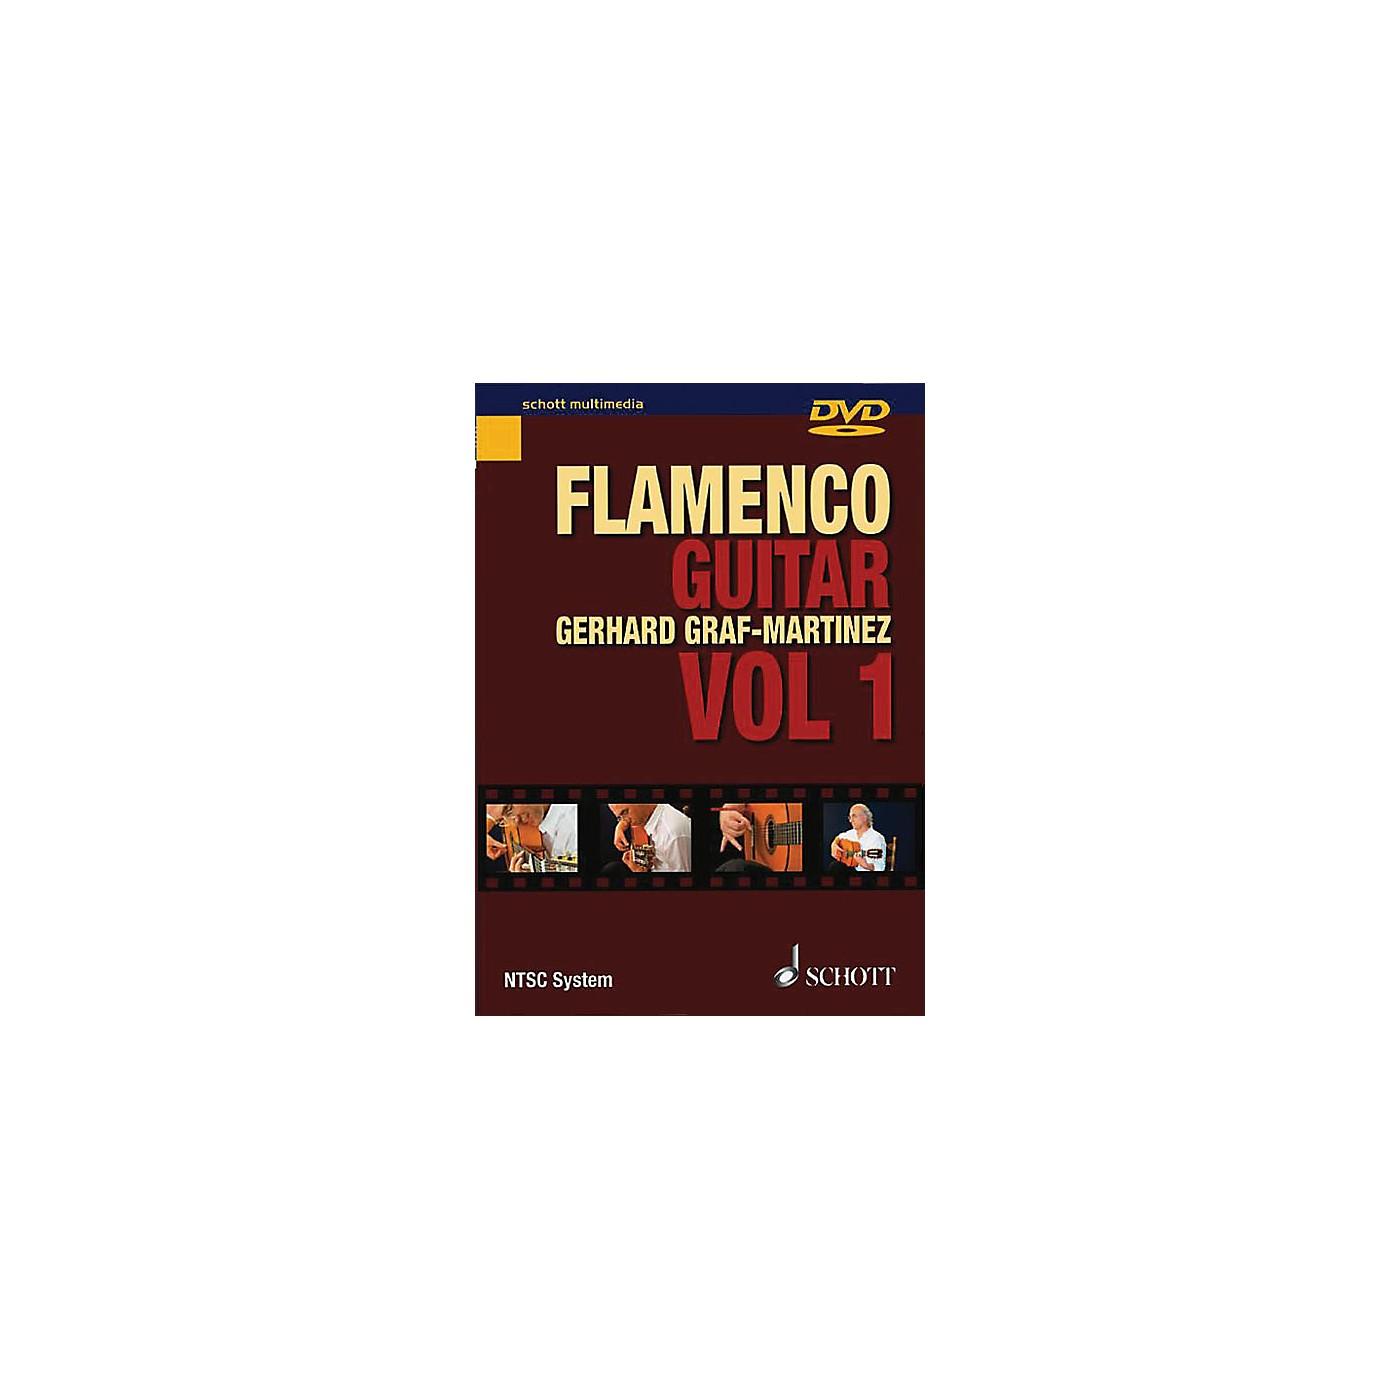 Schott Flamenco Guitar Vol. 1 Schott Series DVD Written by Gerhard Graf-Martinez thumbnail